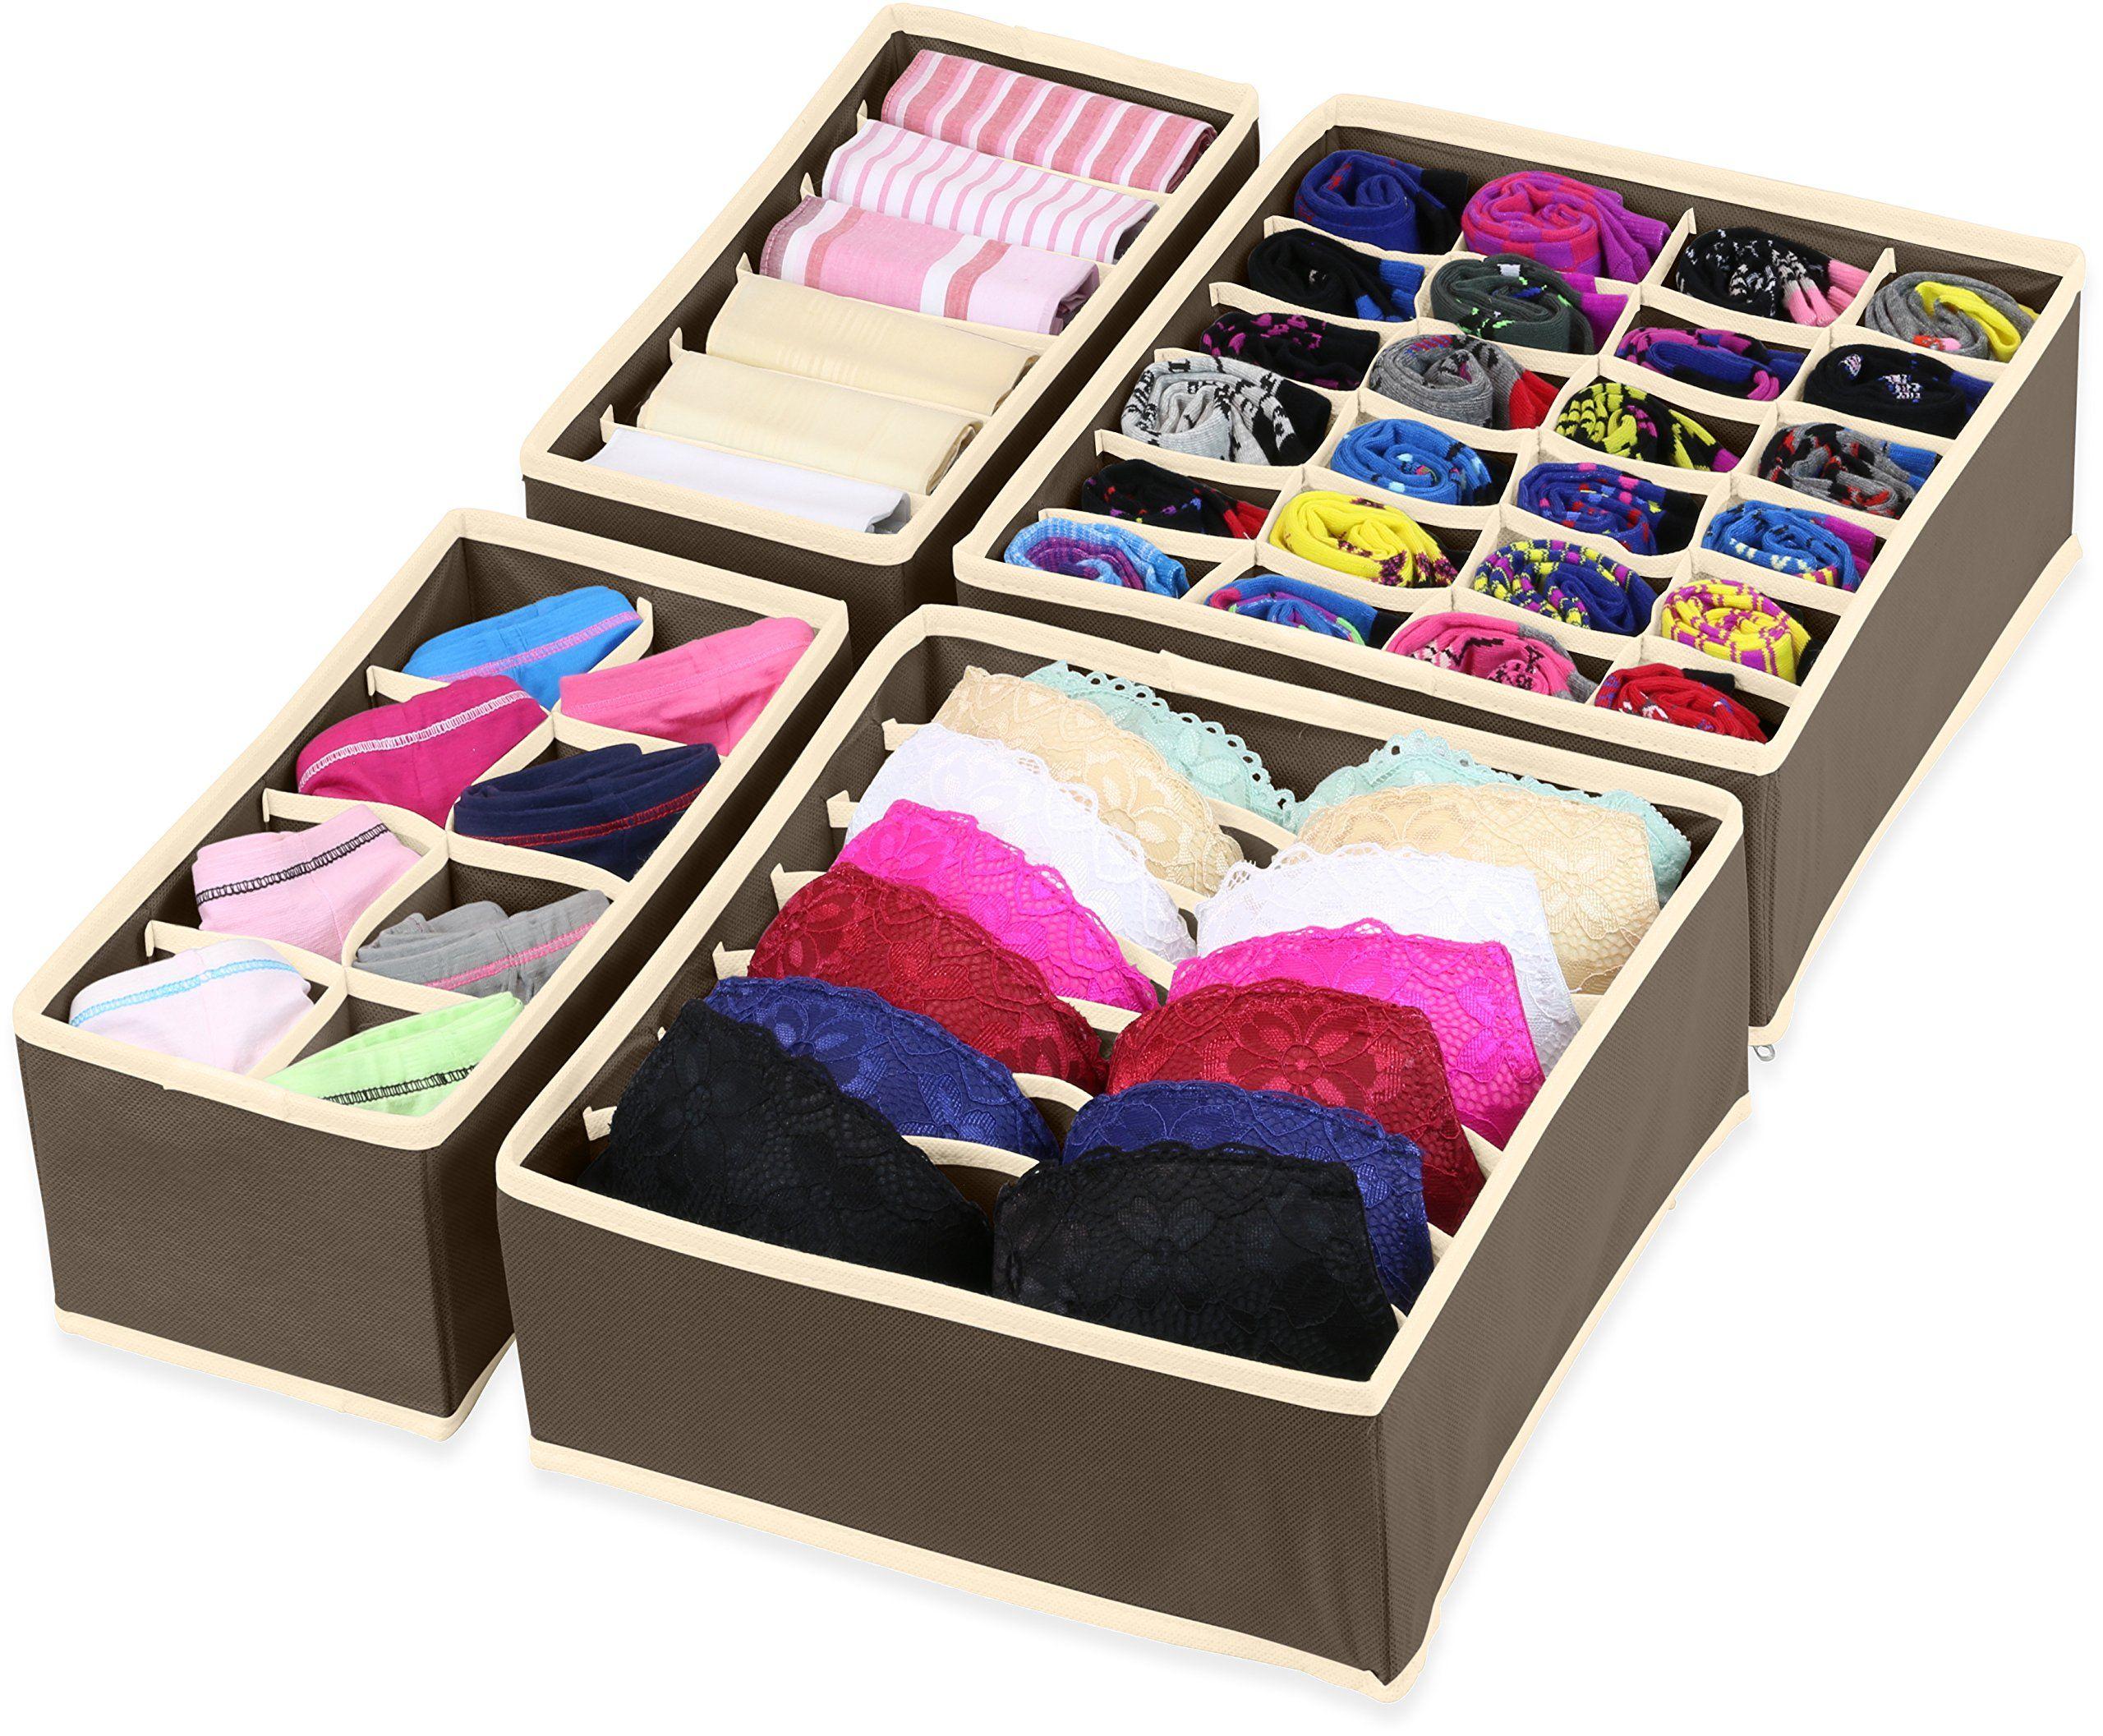 SimpleHouseware Closet Underwear Organizer Drawer Divider 4 Set